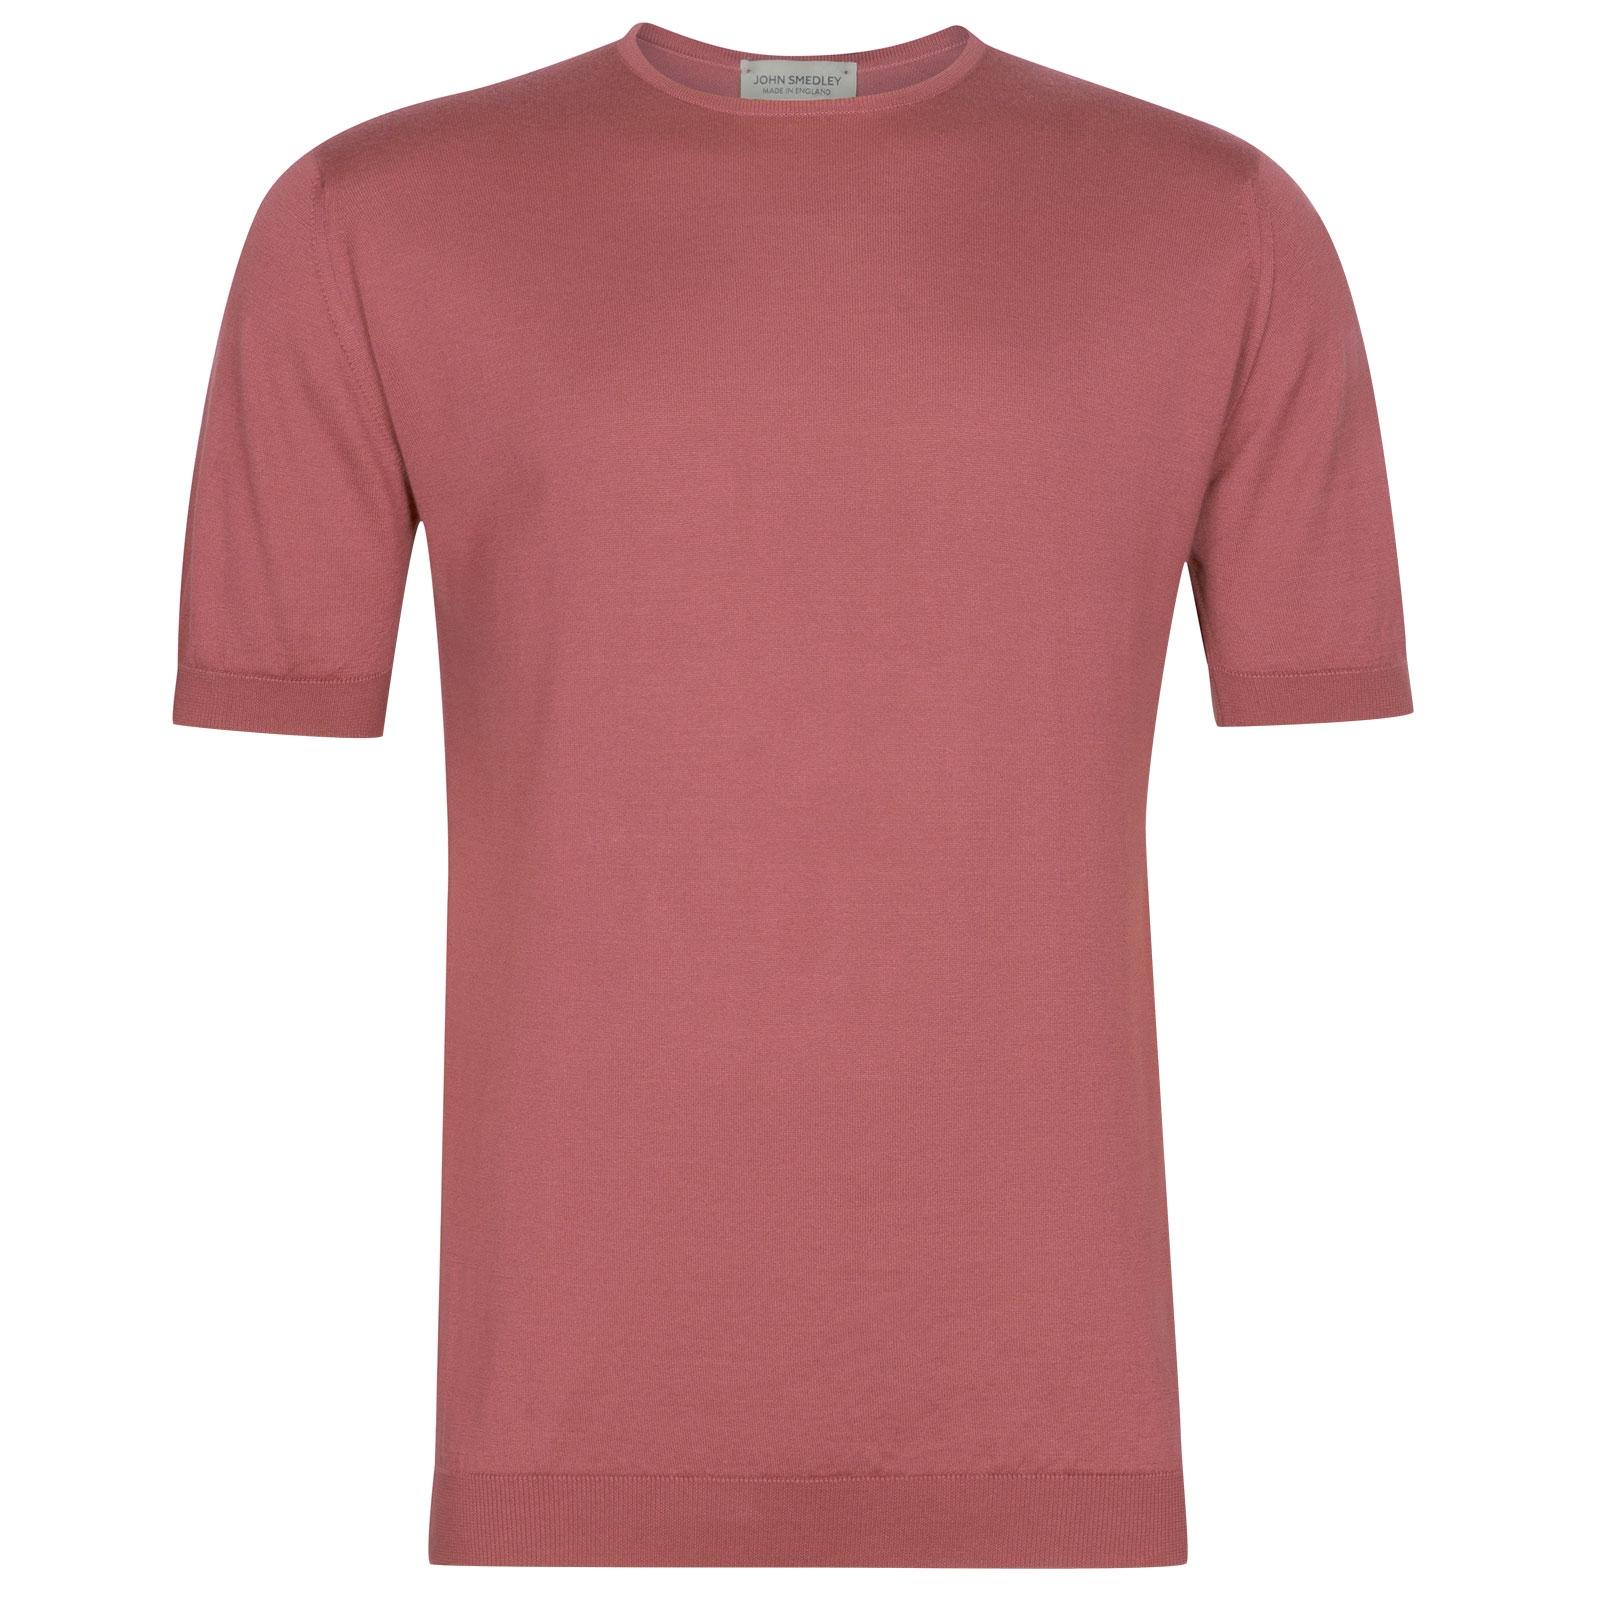 John Smedley Belden in Azalea Pink T-Shirt-LGE